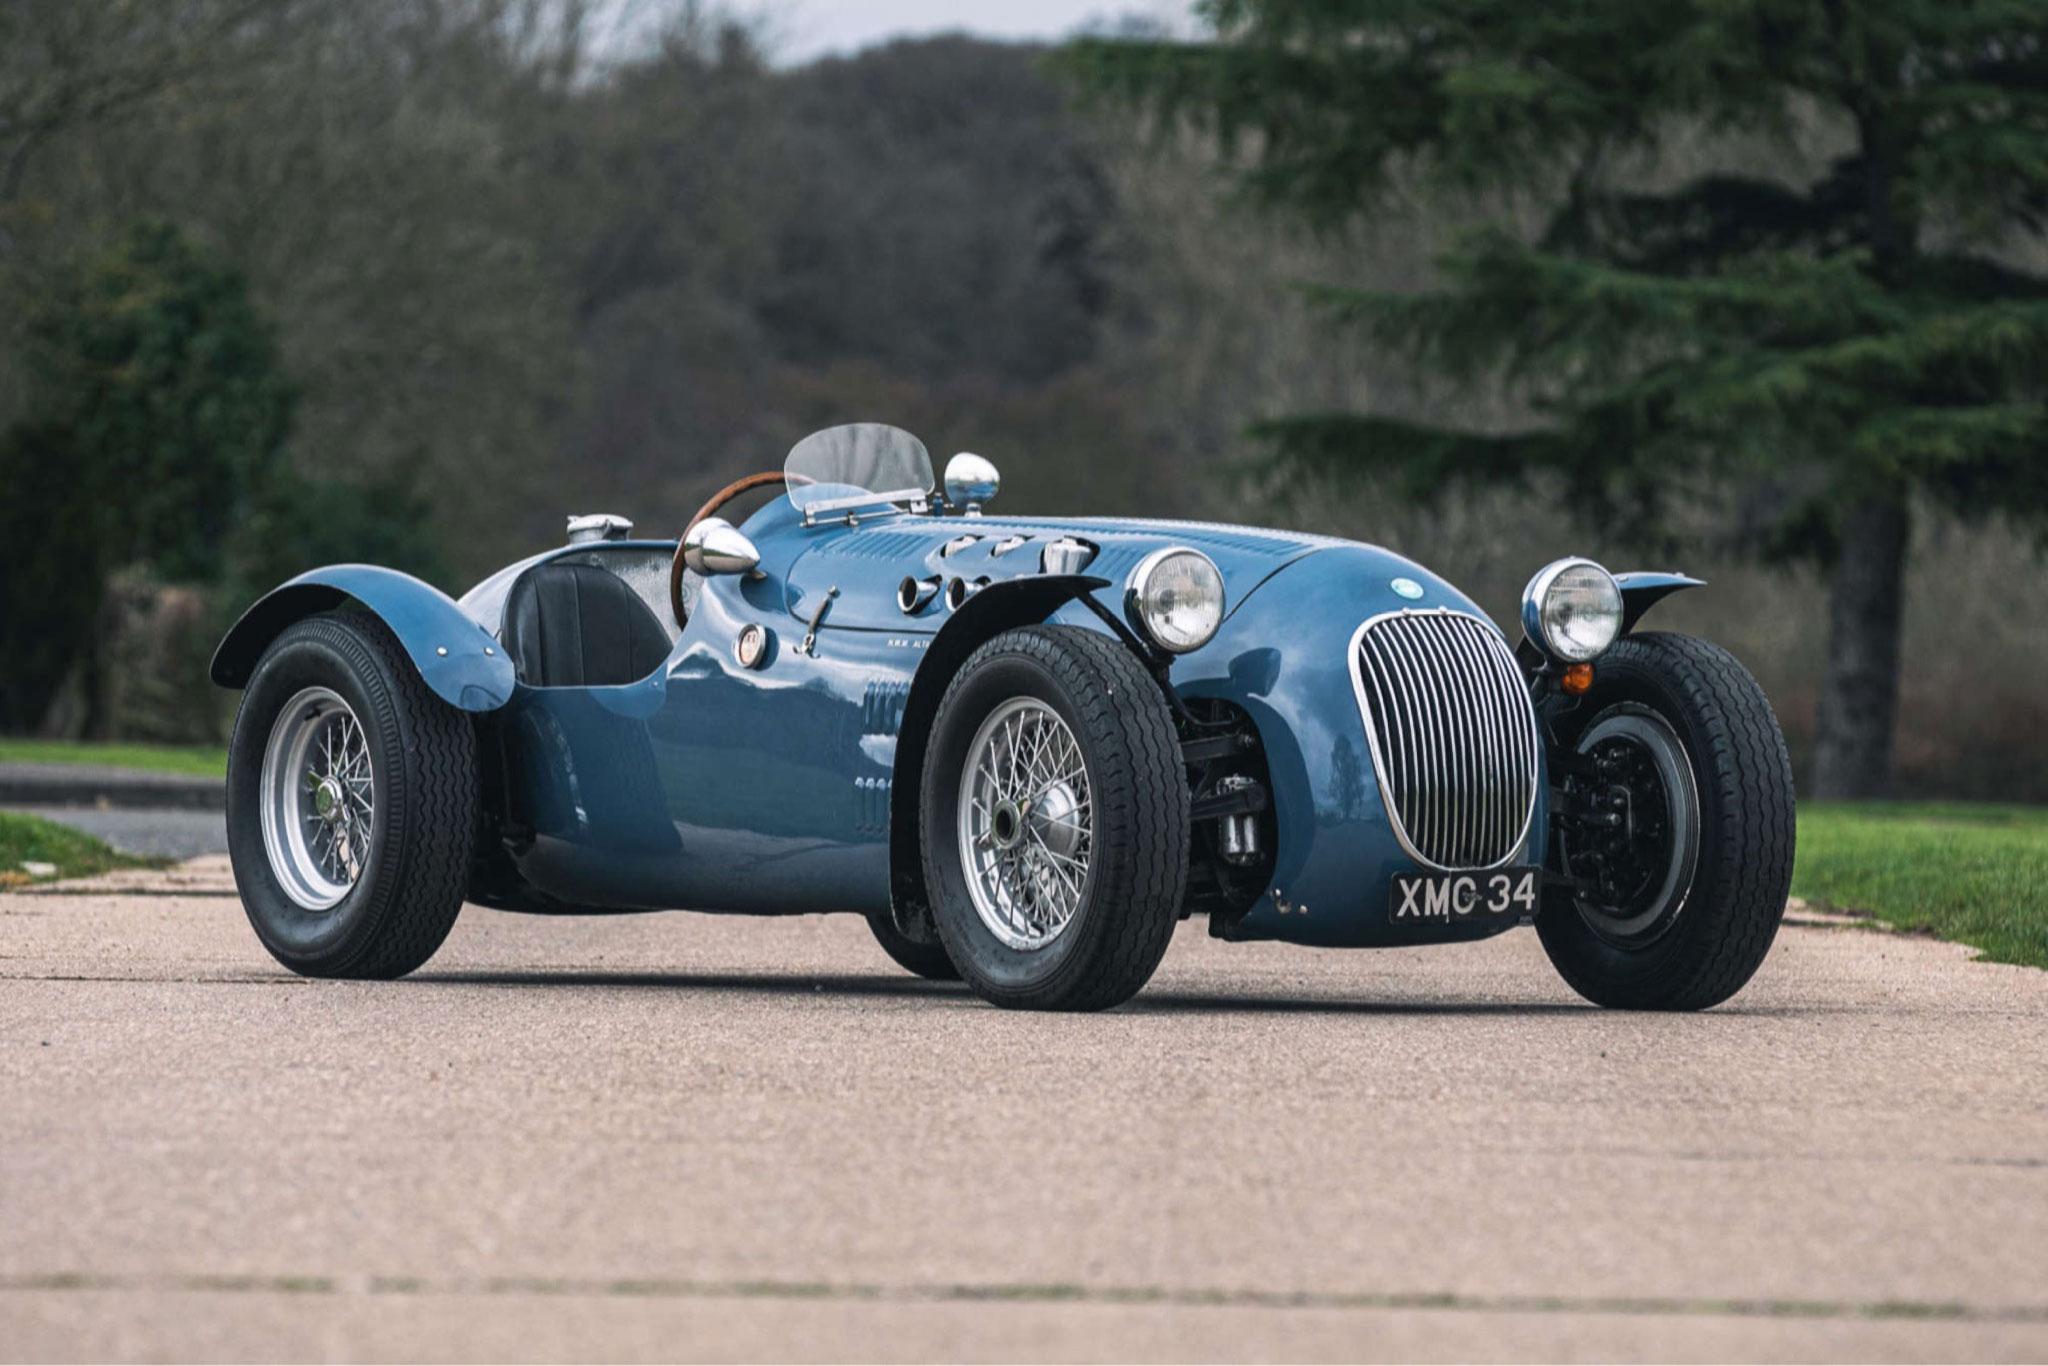 1950 HWM Alta Jaguar - £515,500 - Silverstone Auction mars 2021.